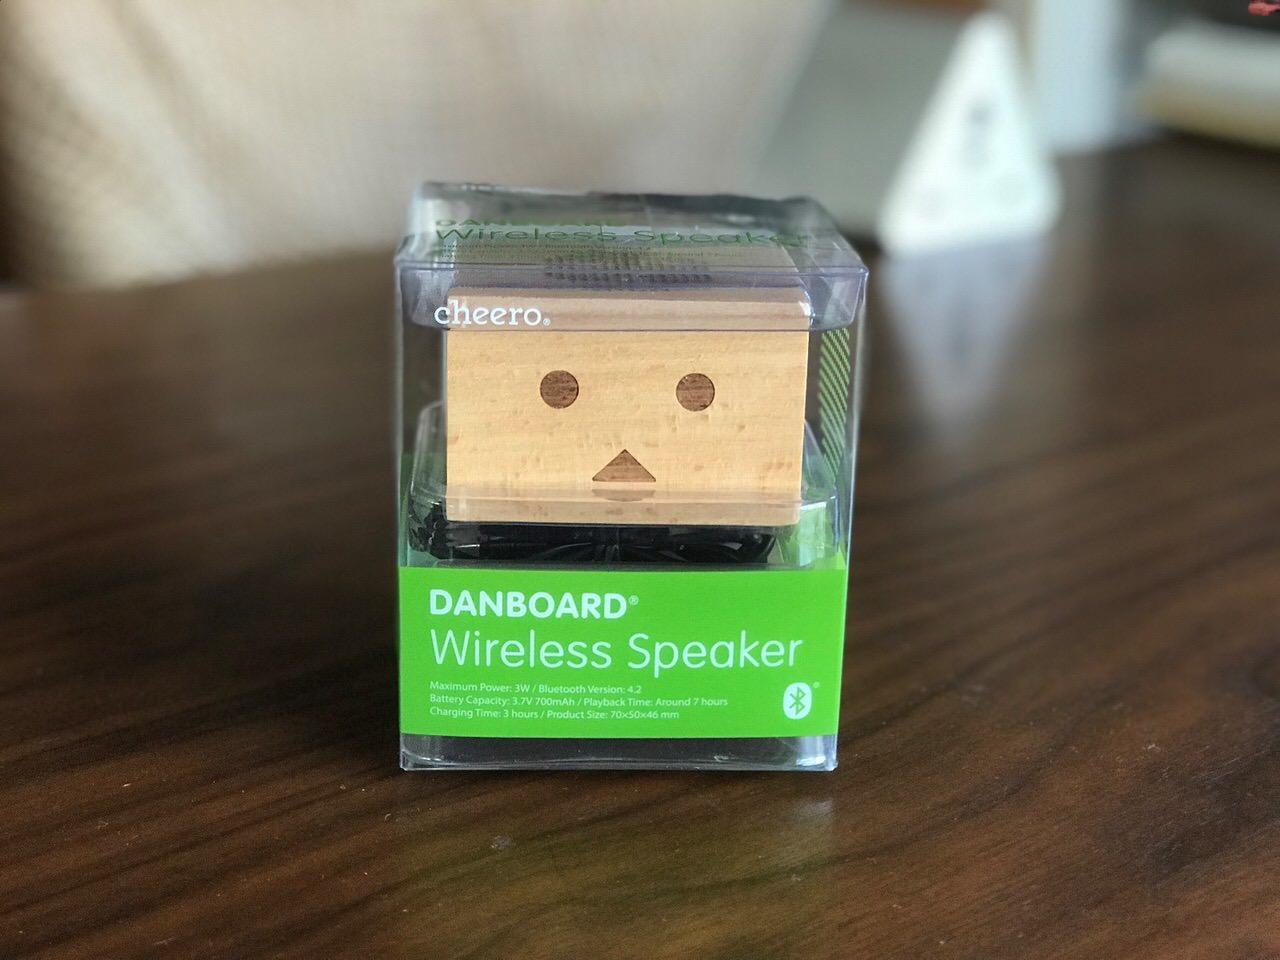 ダンボーのミニワイヤレススピーカー「cheero Danboard Wireless Speaker」